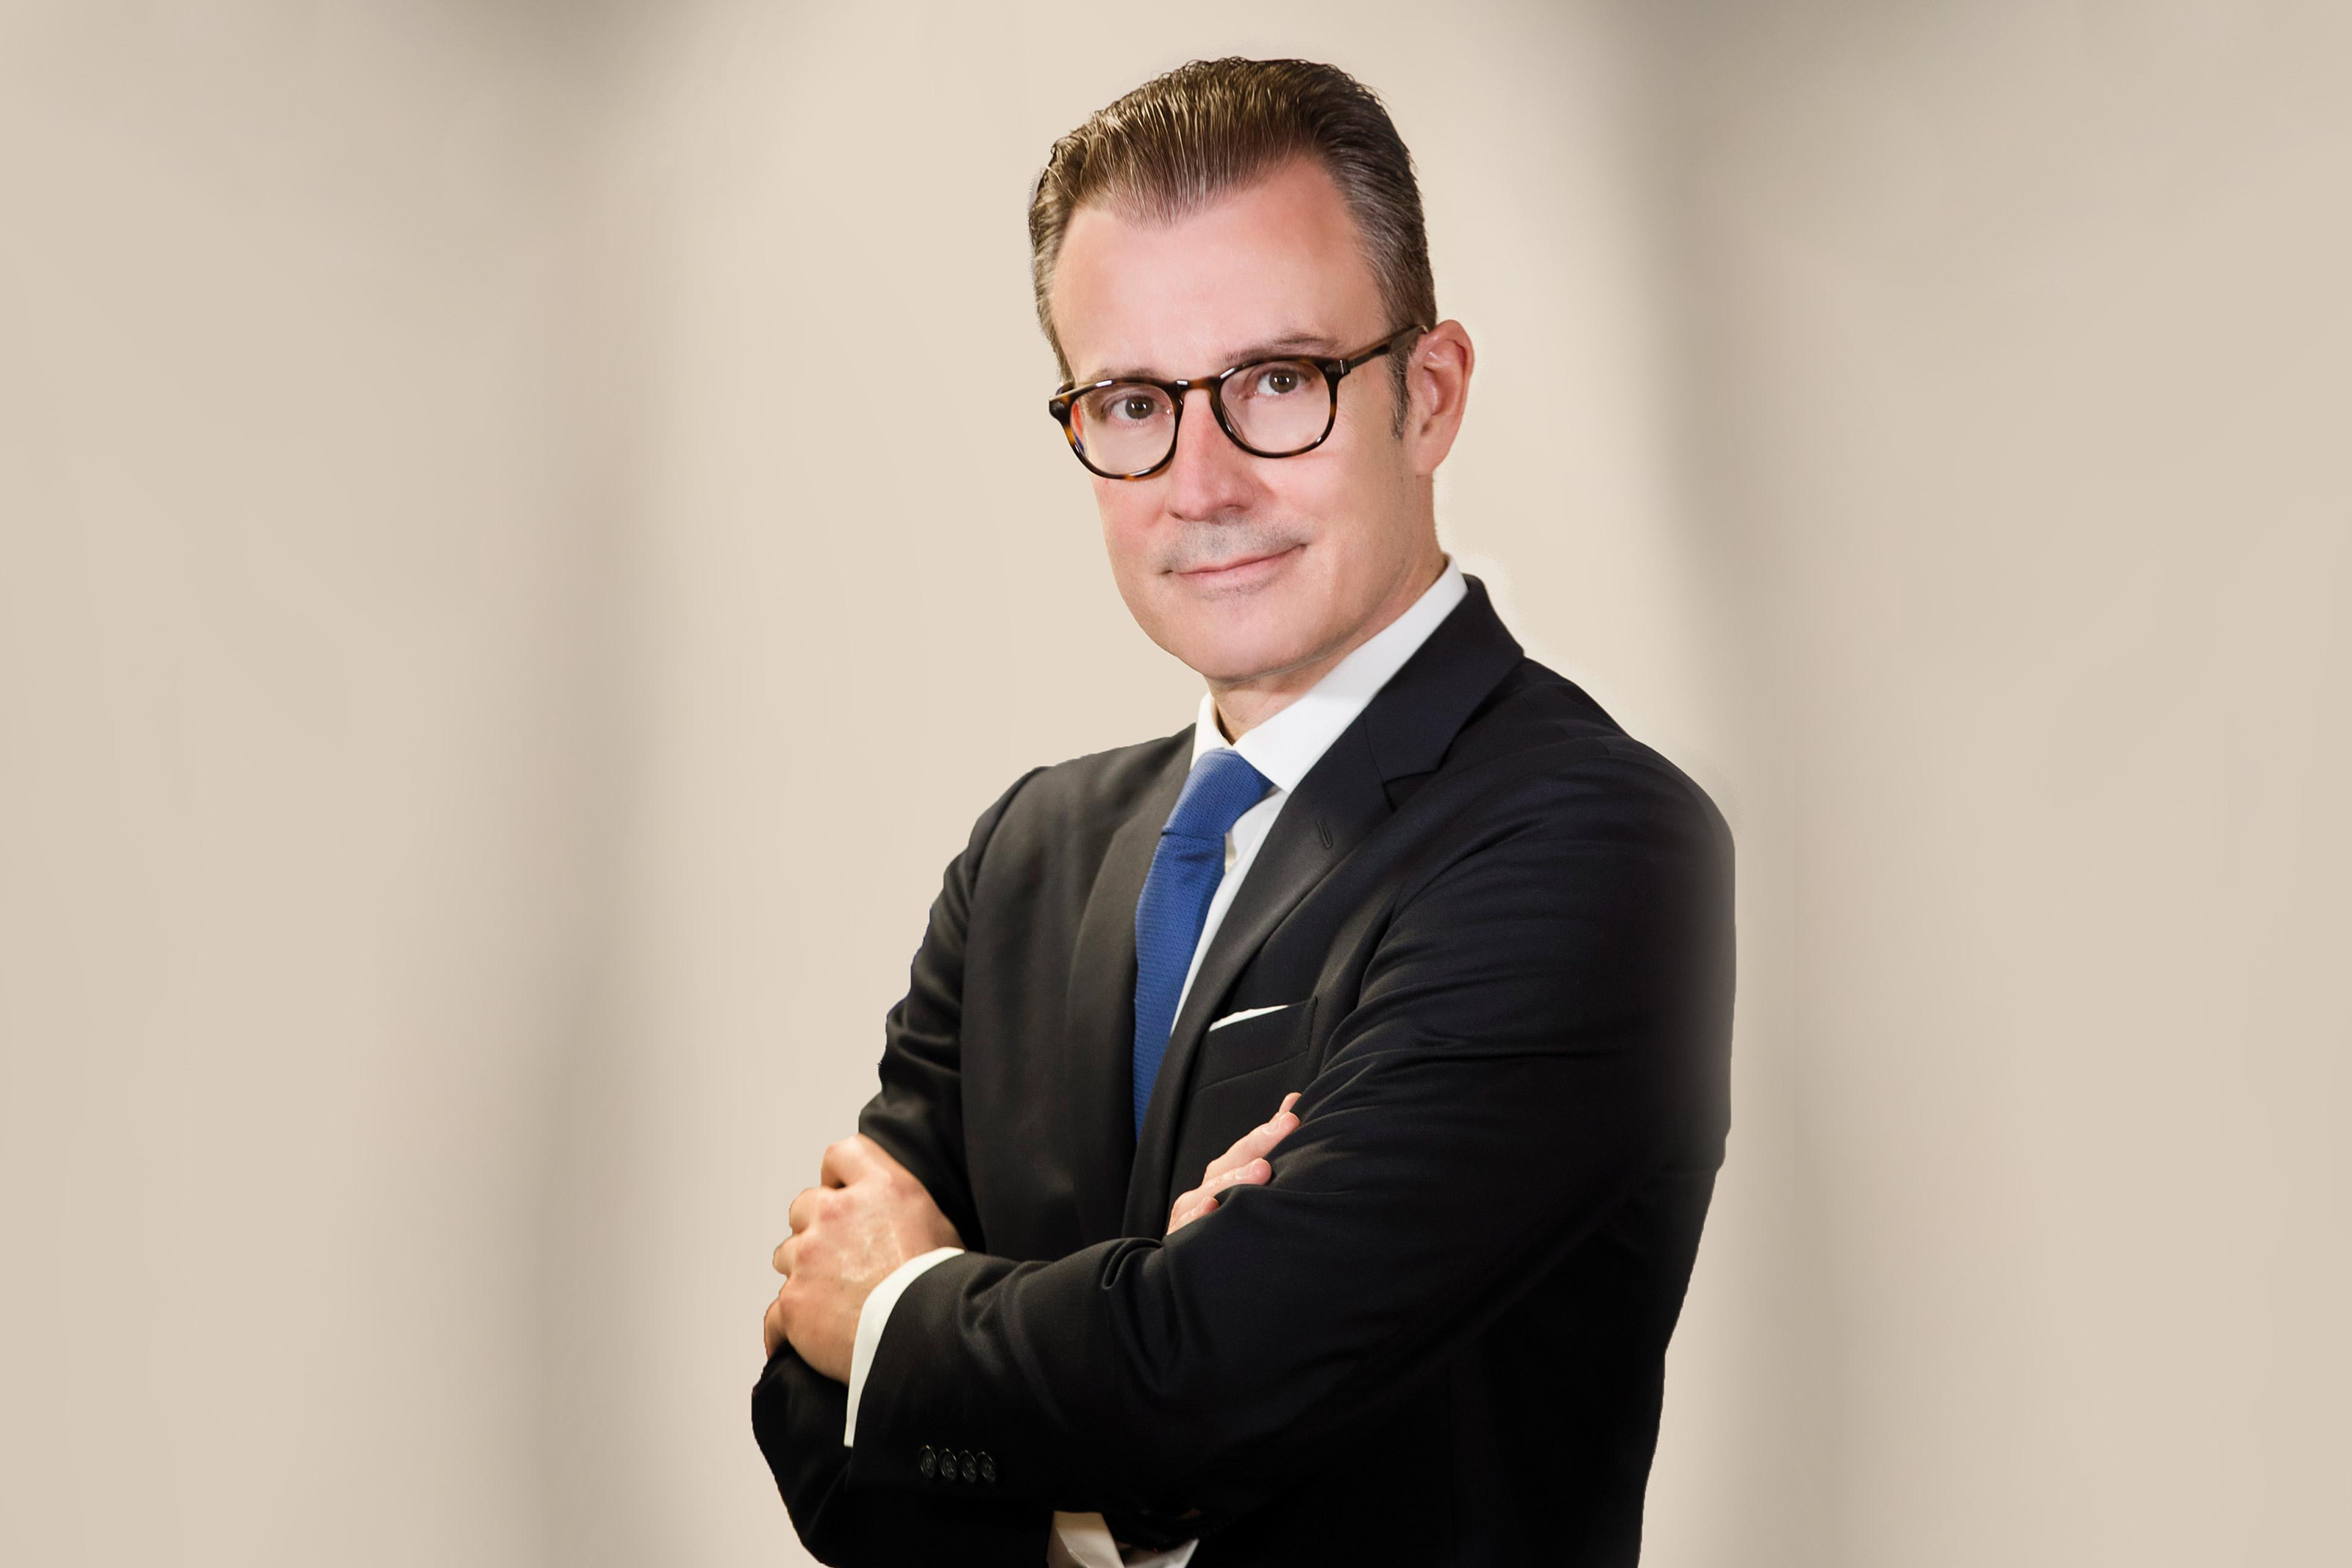 Νικόλαος Μπακατσέλος